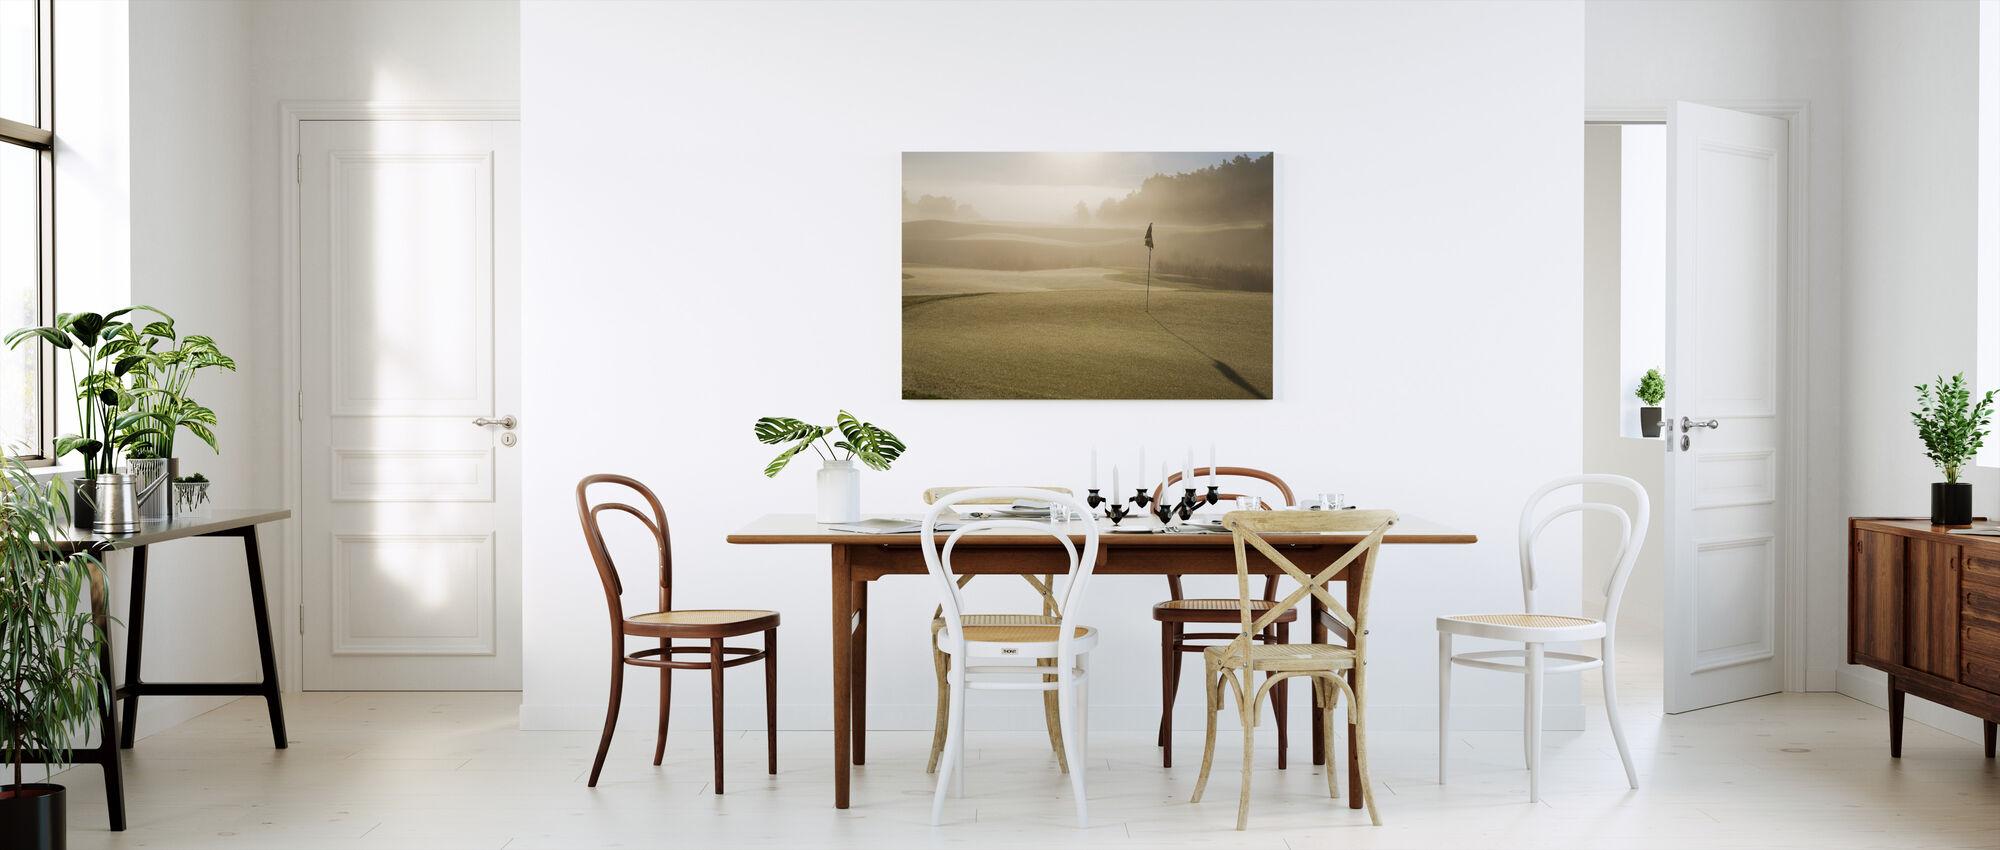 Golf Court in Mölndal, Sweden - Canvas print - Kitchen